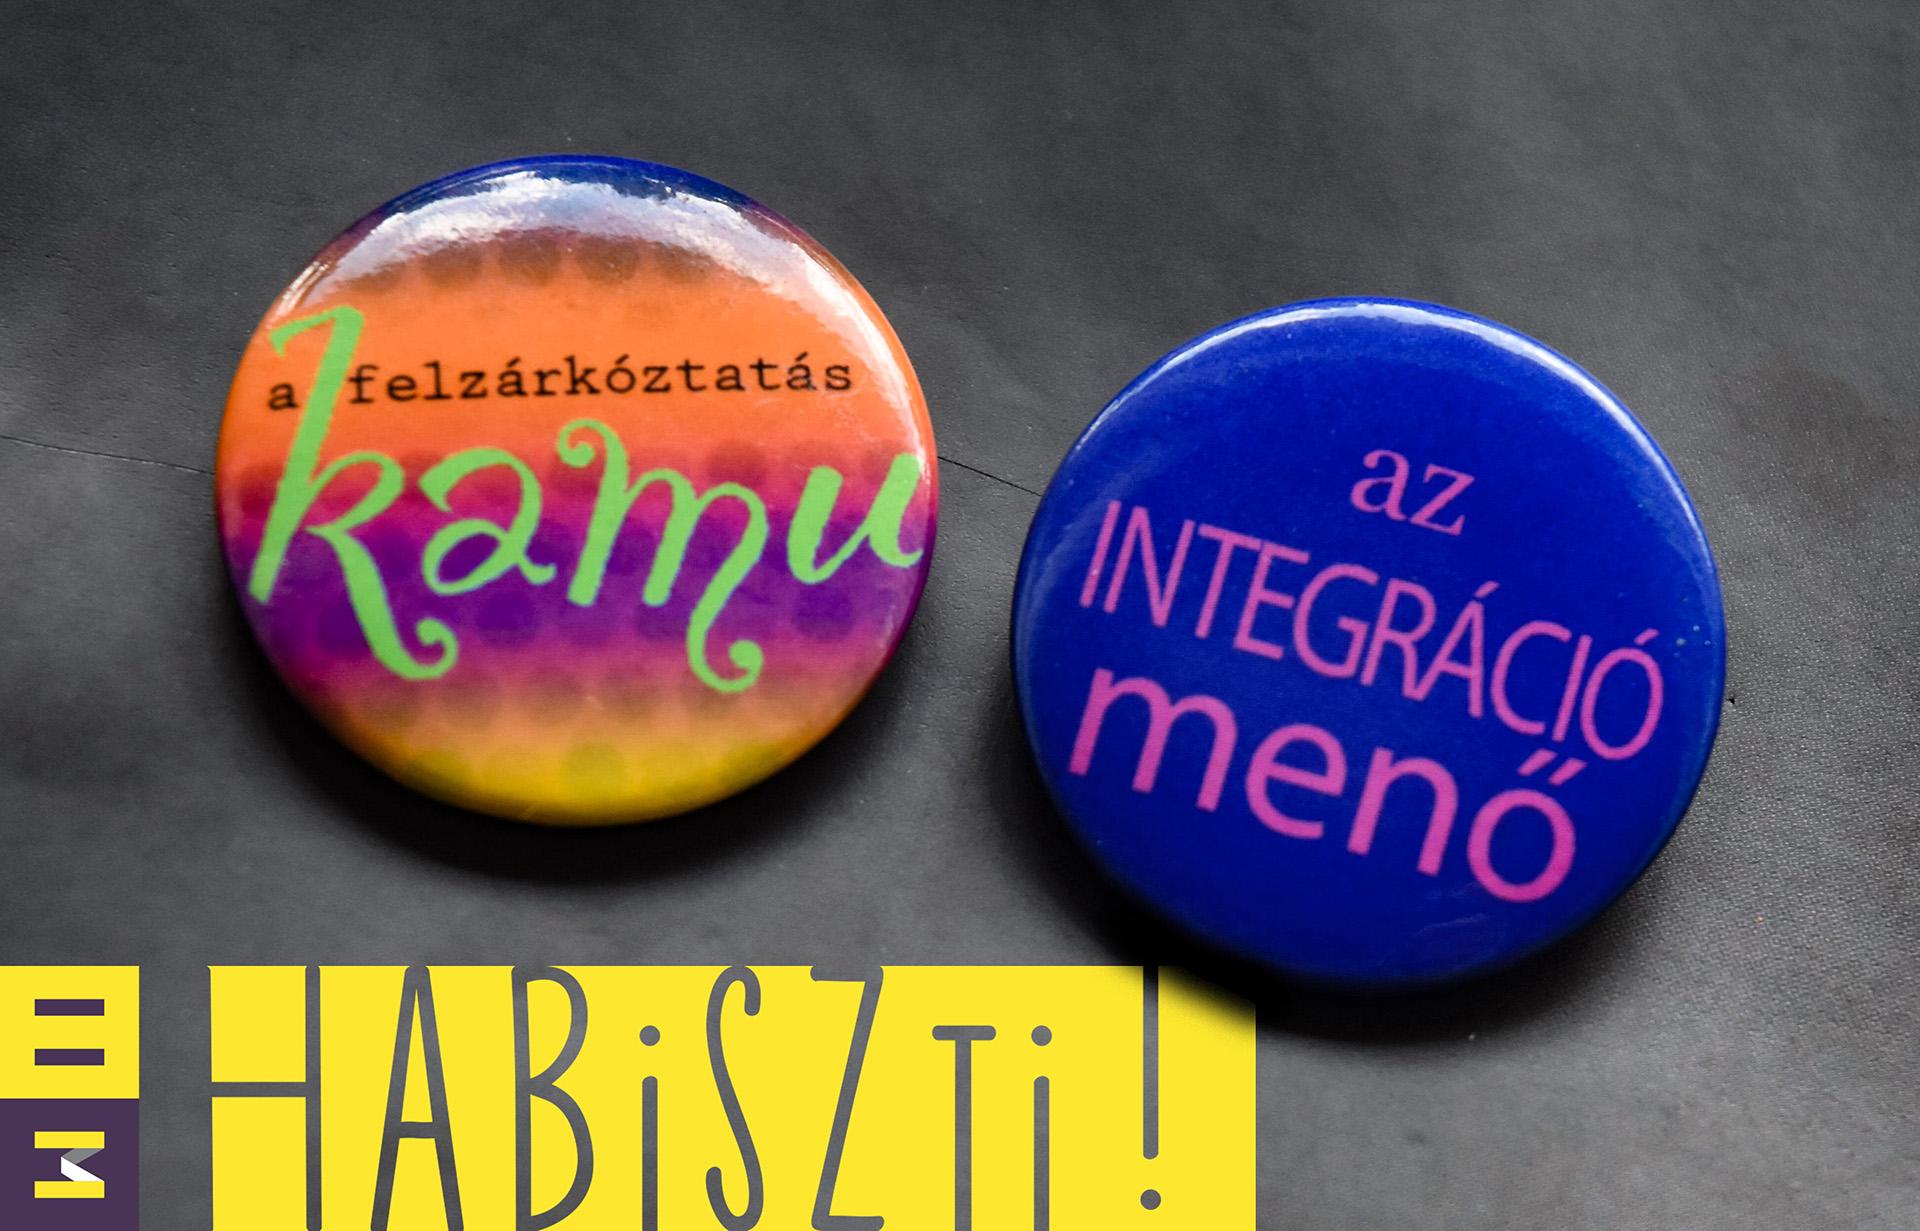 integracio-felzarkoztatas-habiszti.jpg